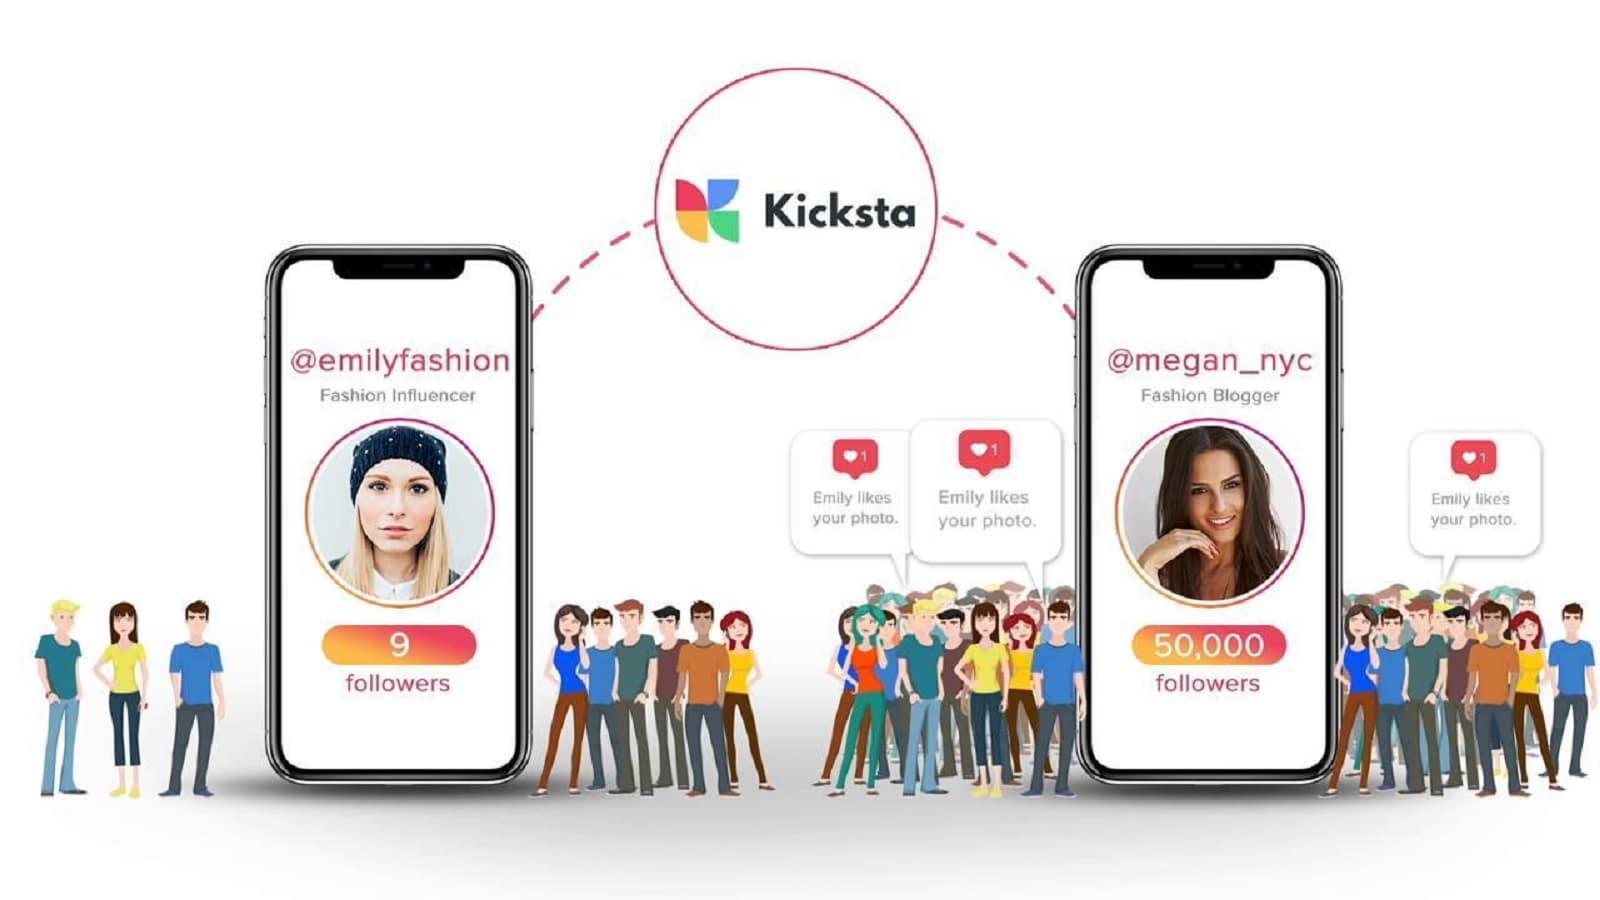 kicksta social media platform showing example